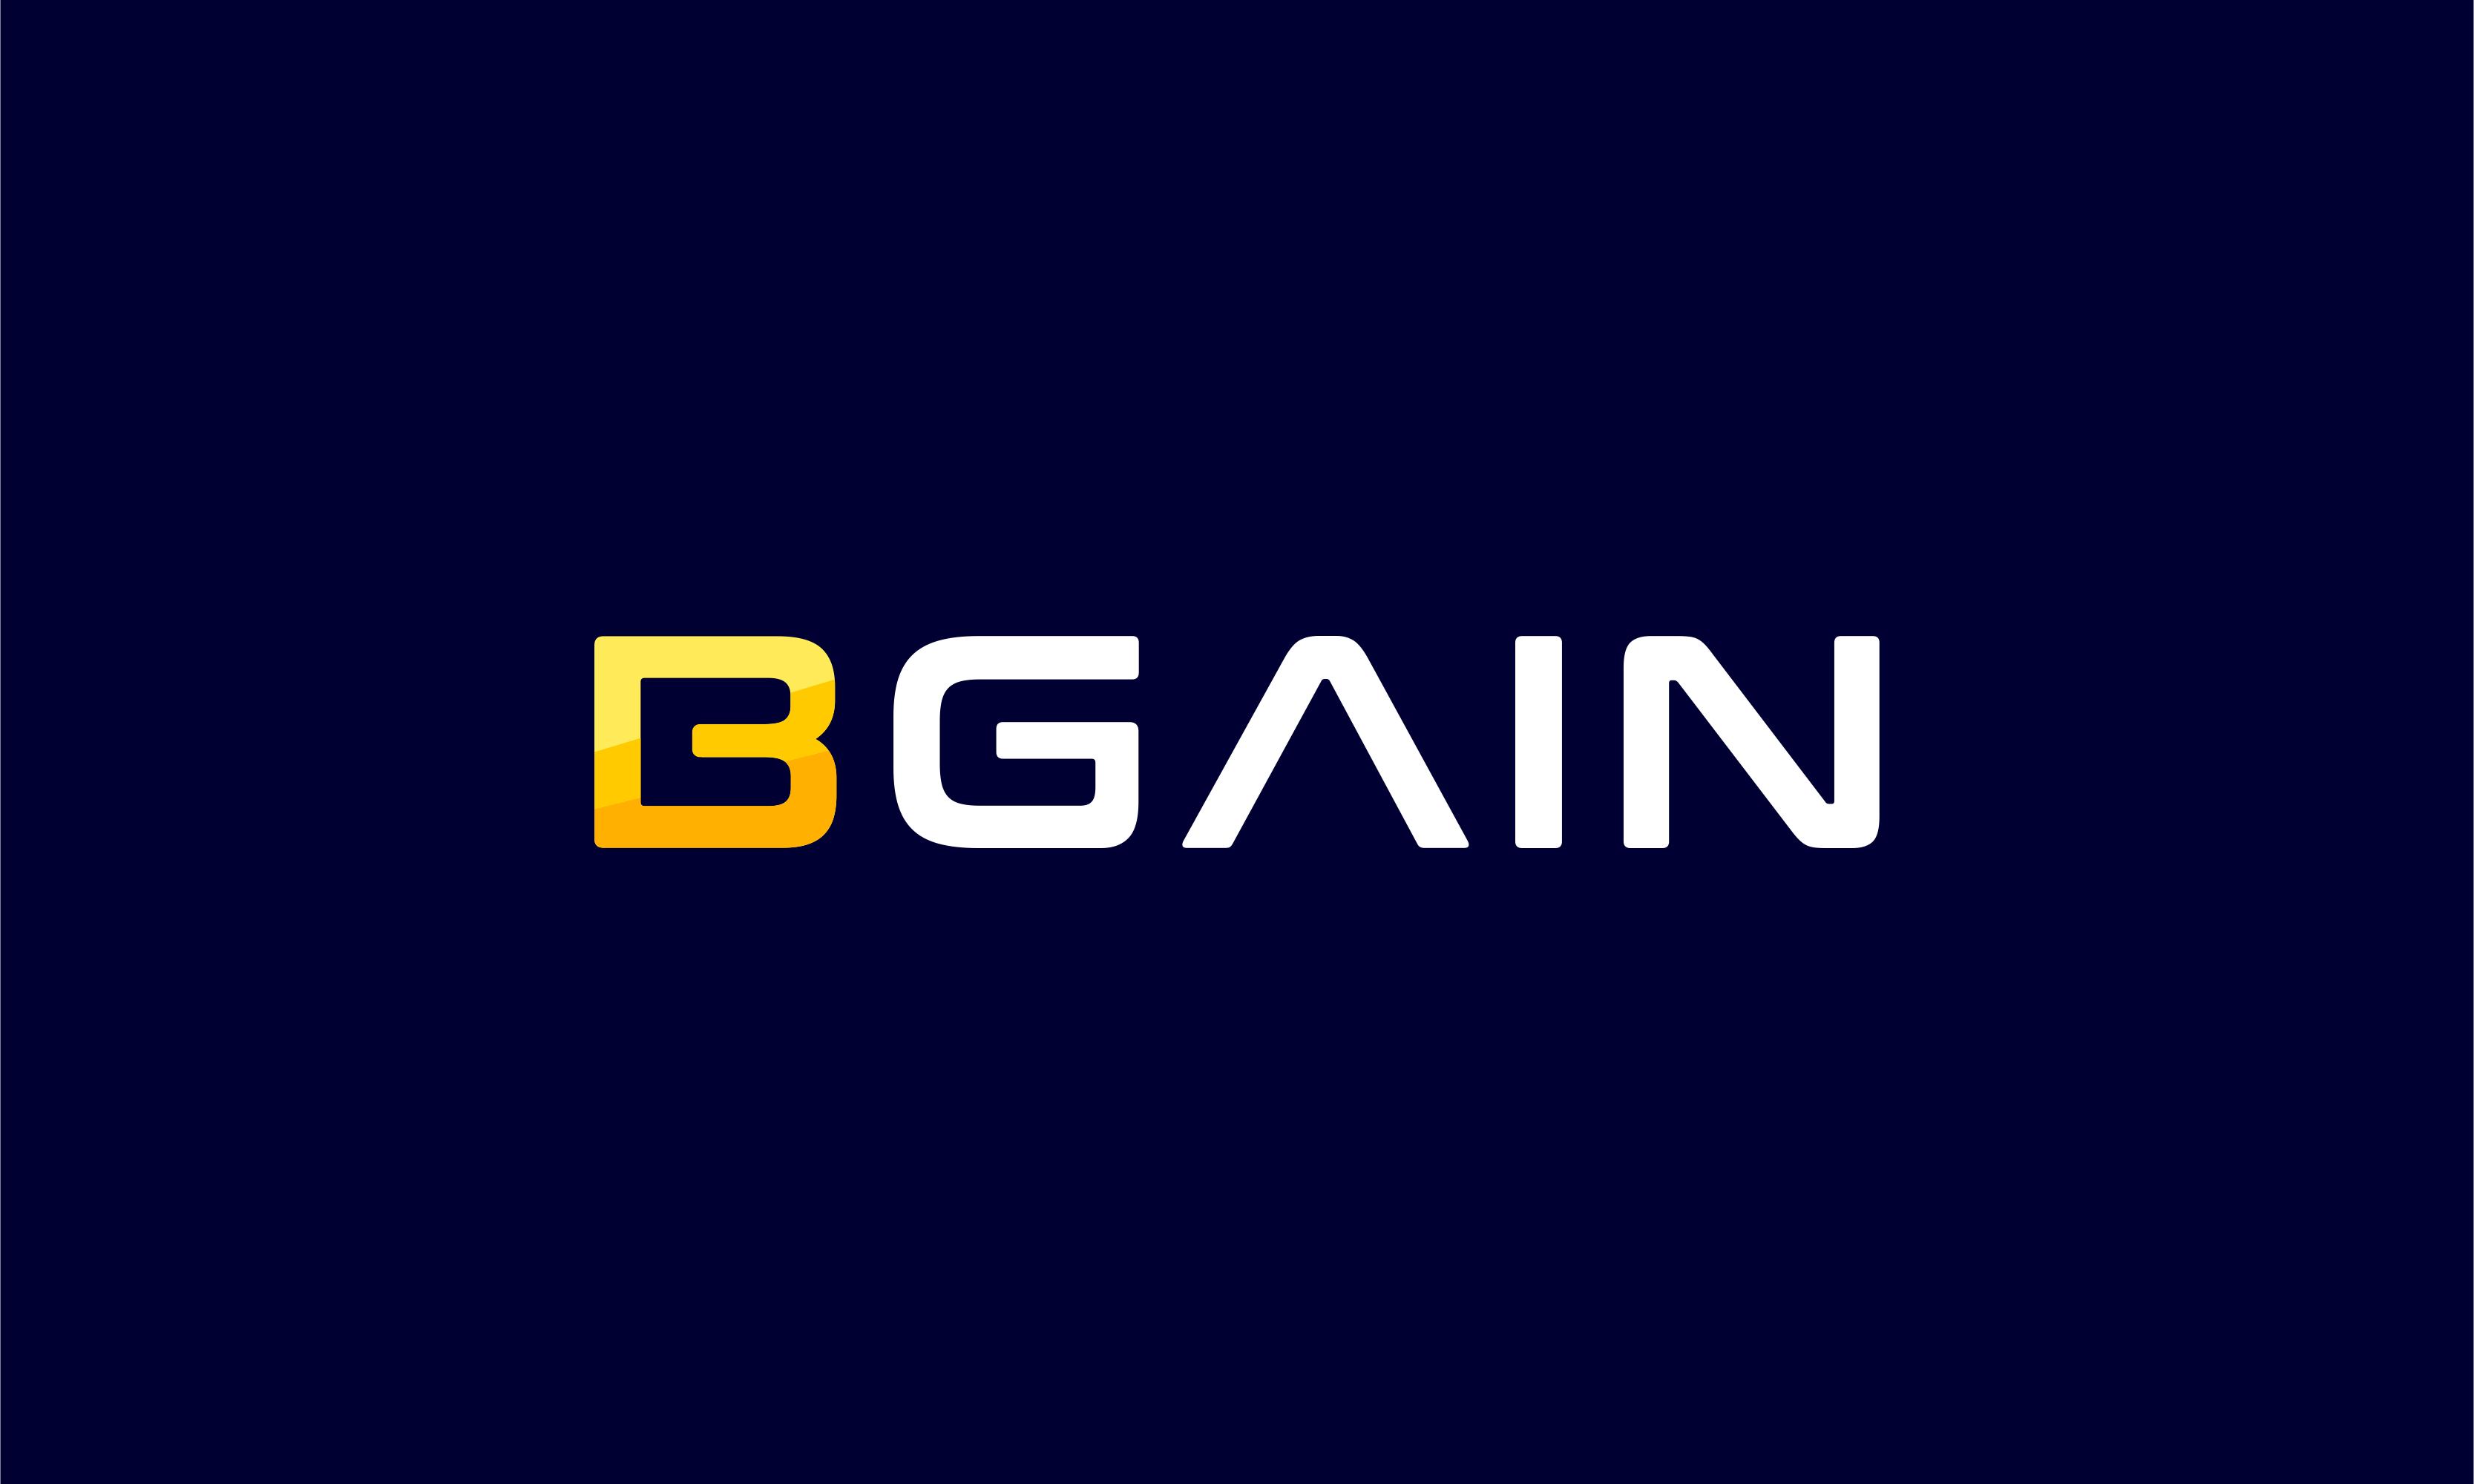 Bgain